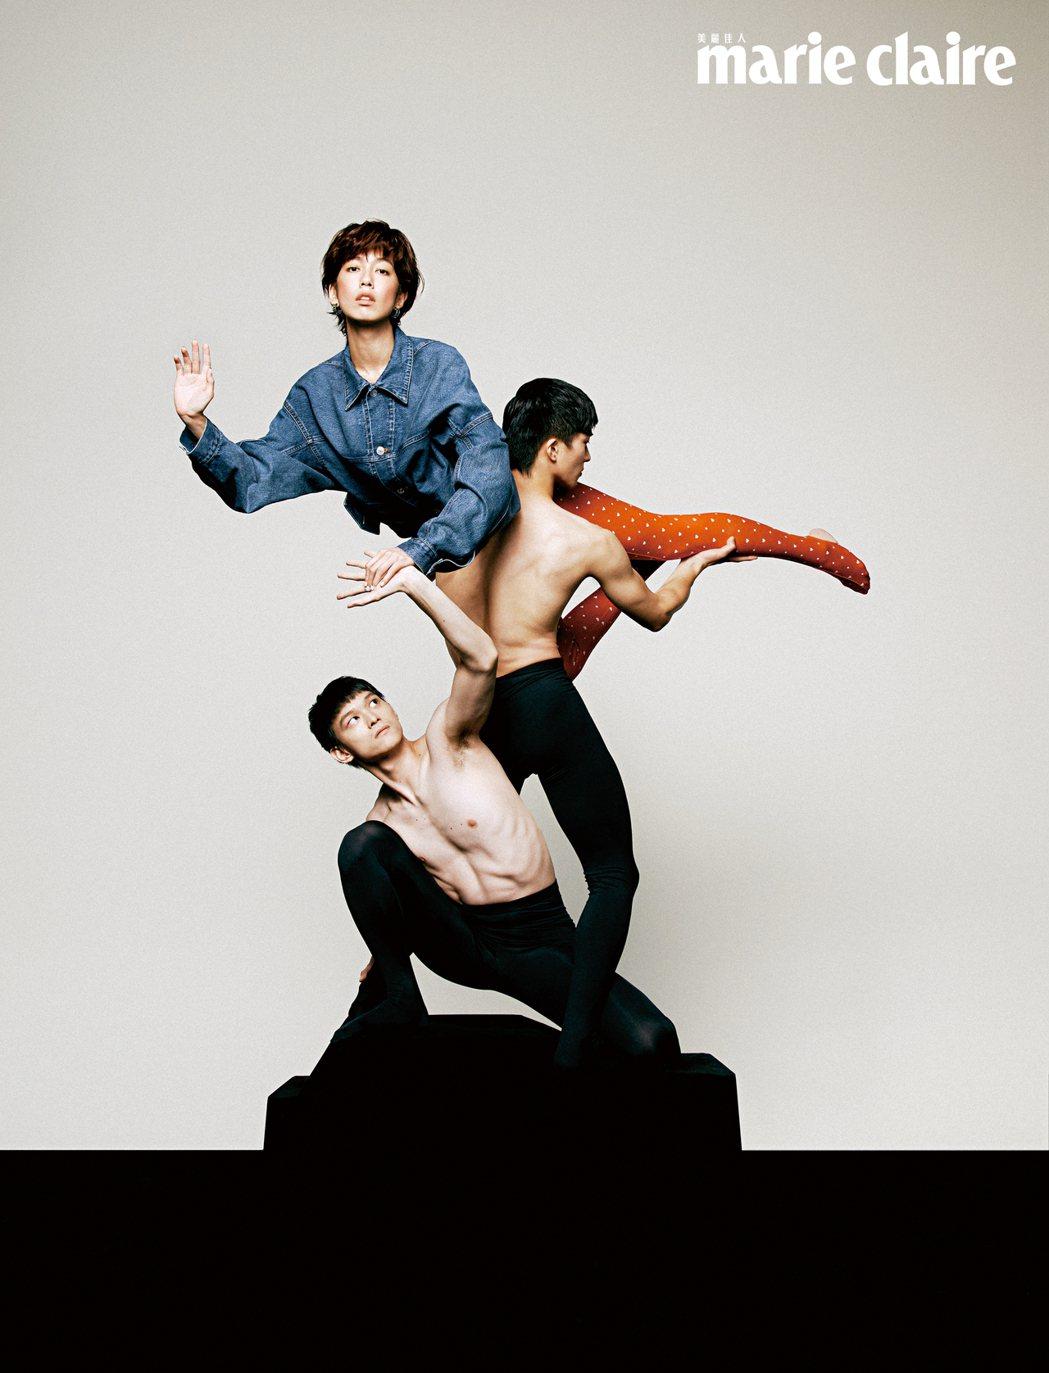 陳庭妮與現代舞者合作擺出高難度動作。圖/Marie Claire美麗佳人提供